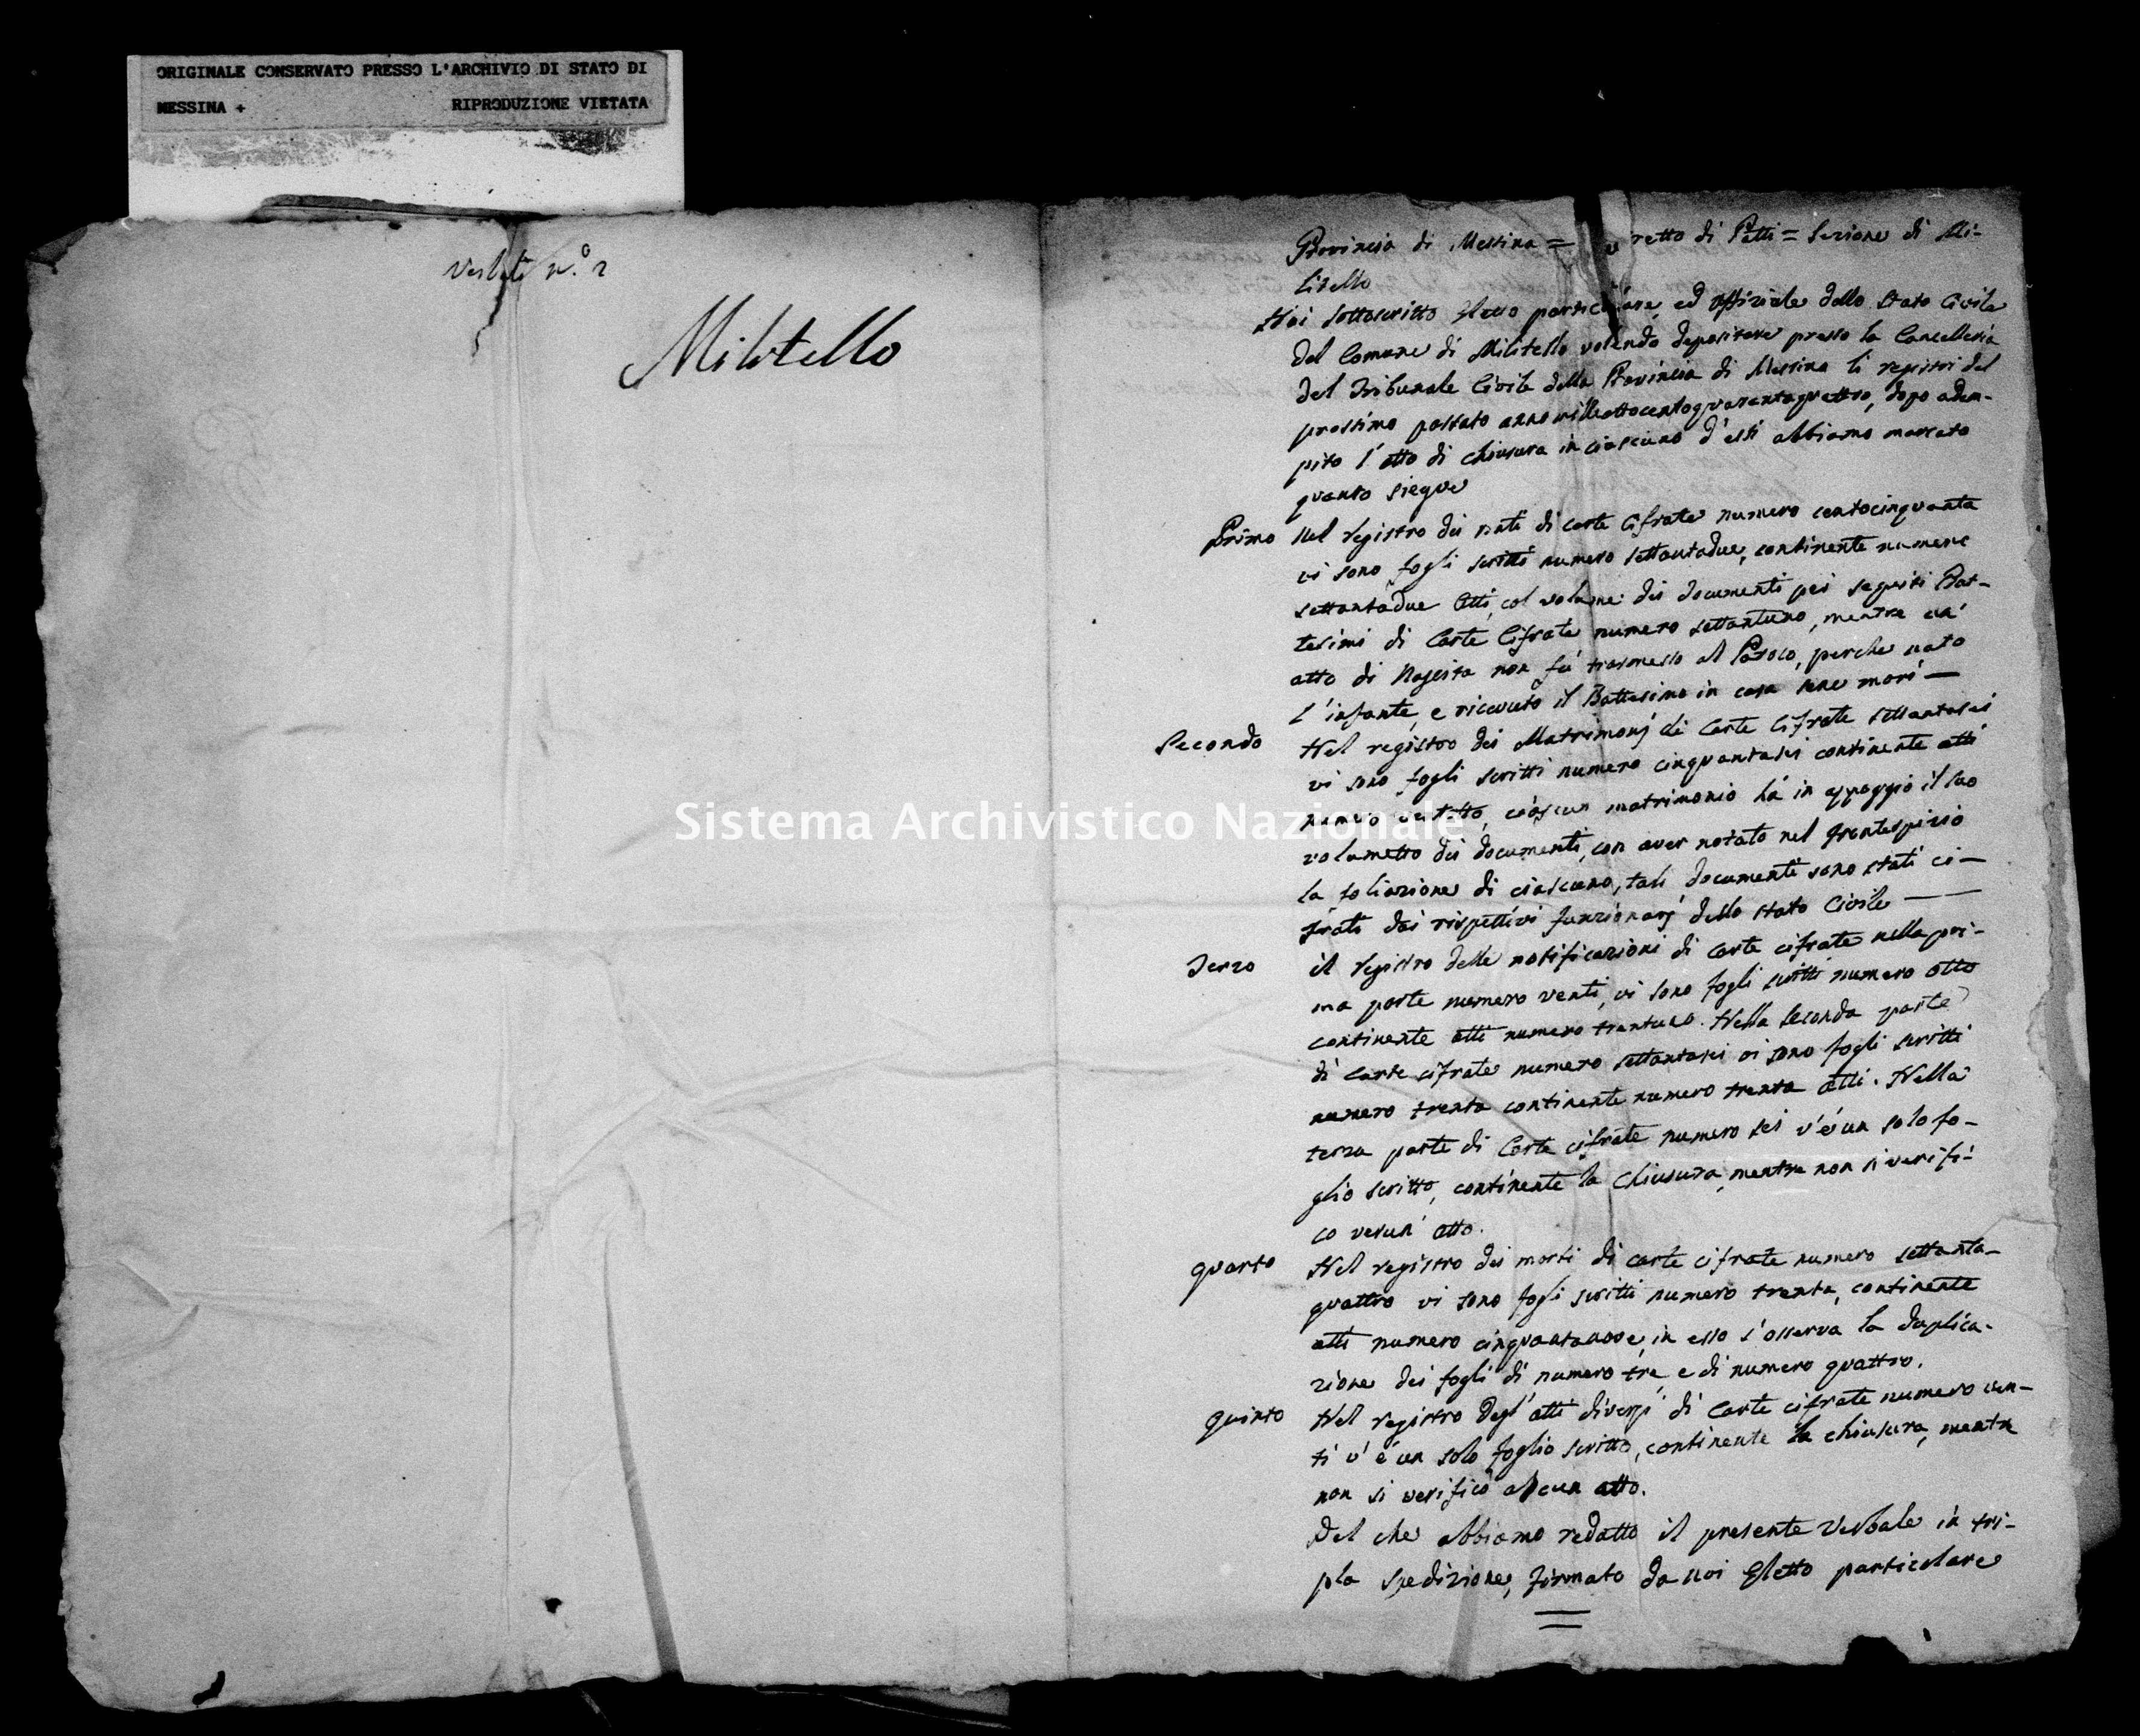 Archivio di stato di Messina - Stato civile della restaurazione - Militello - Diversi - 1844 - 740 -